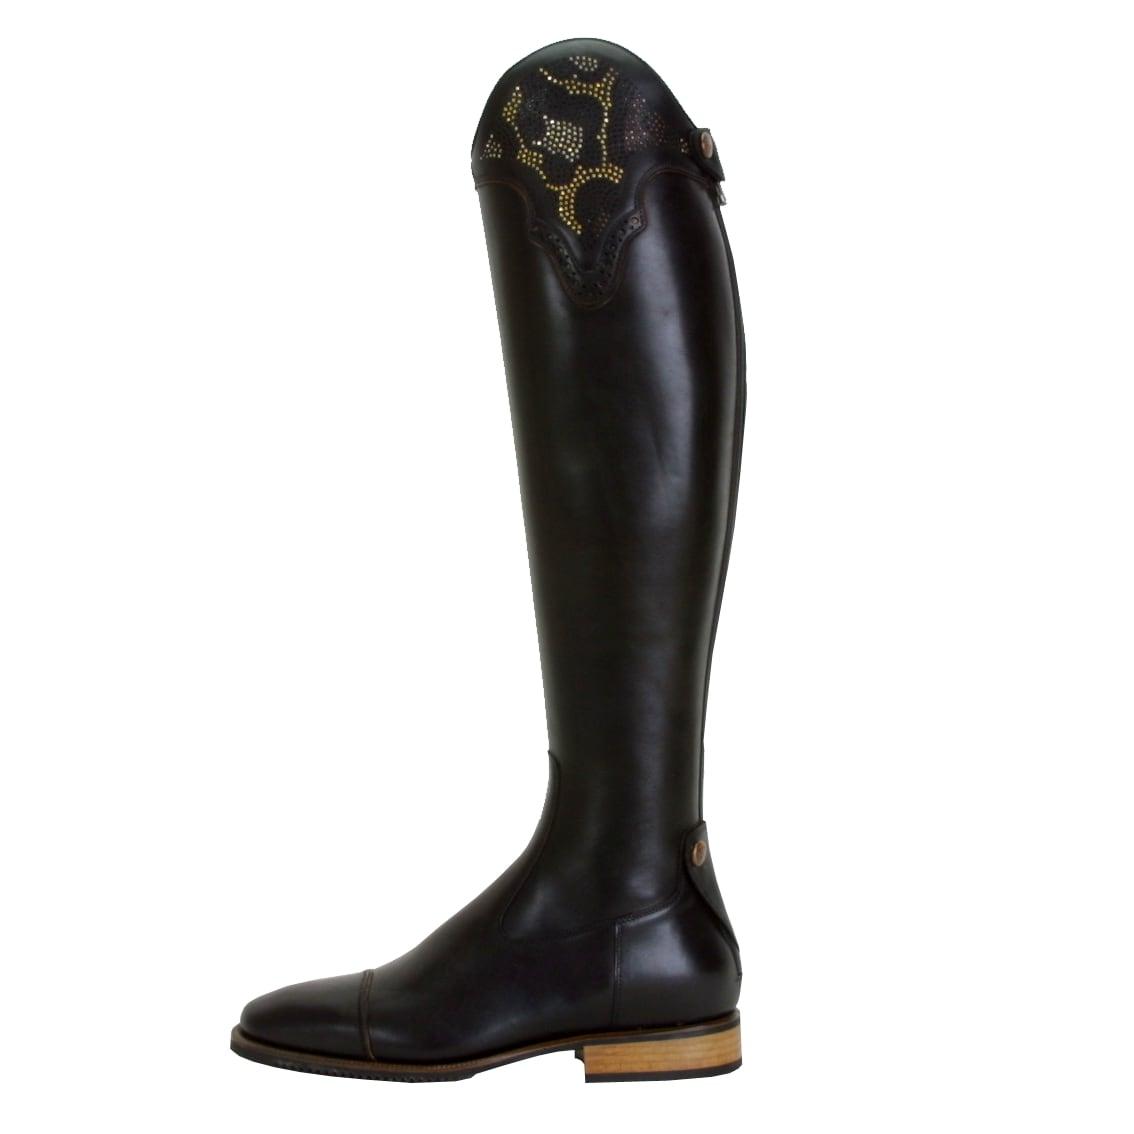 Riding Boots - Americano